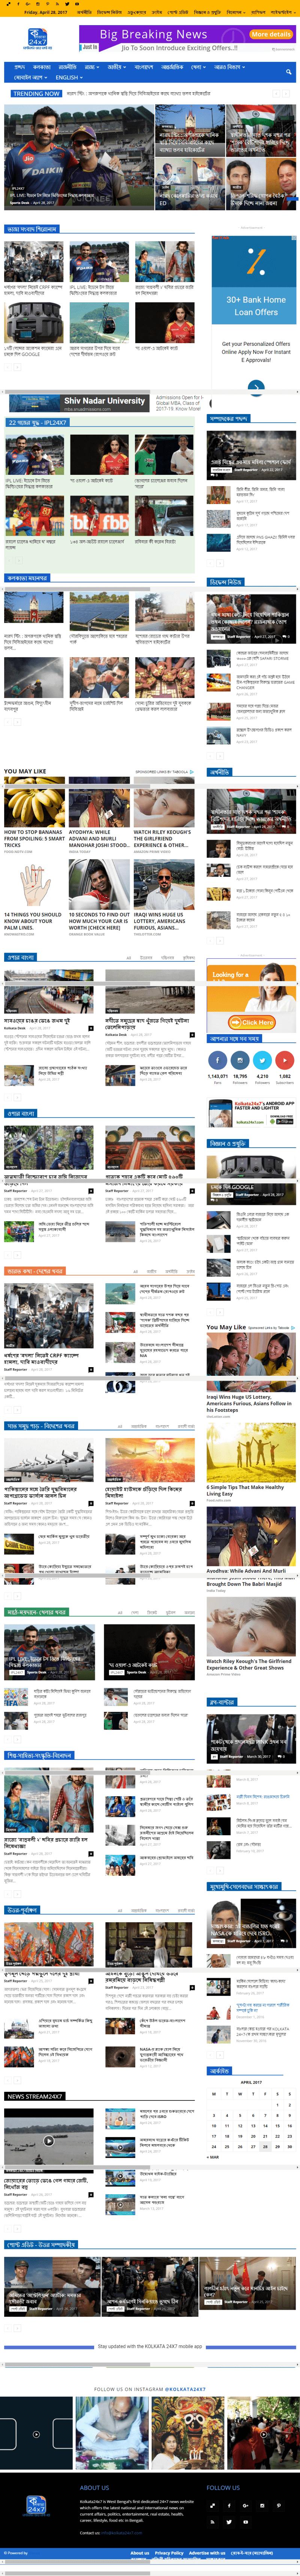 Kolkata24x7 Bengali News Kolkata News Online Bangla Newspaper-min (1)